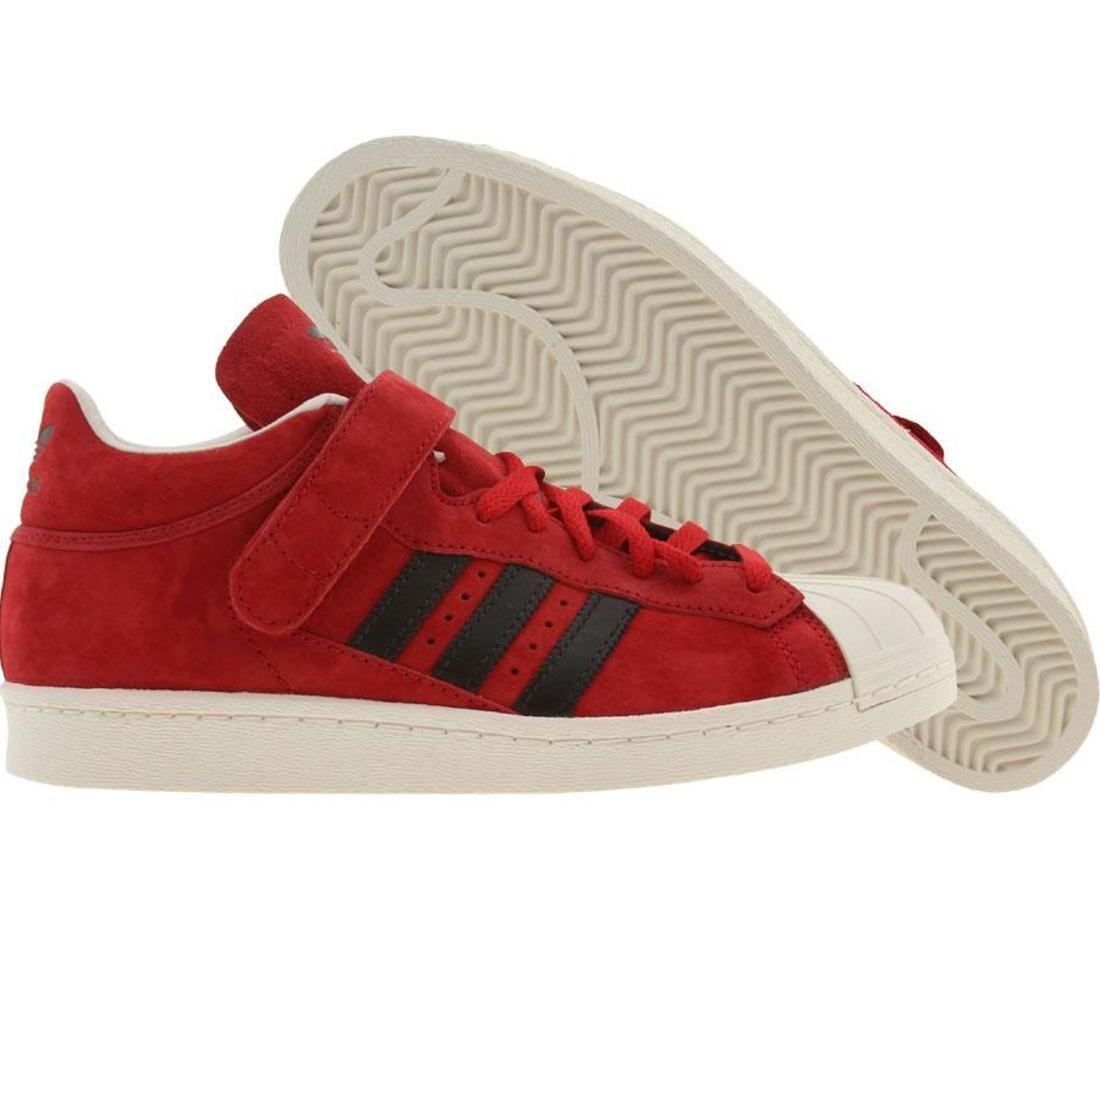 【海外限定】アディダス プロ シェル 赤 レッド 黒 ブラック メンズ靴 靴 【 ADIDAS SHELL RED BLACK PRO UNIVERSITY LEGACY 】